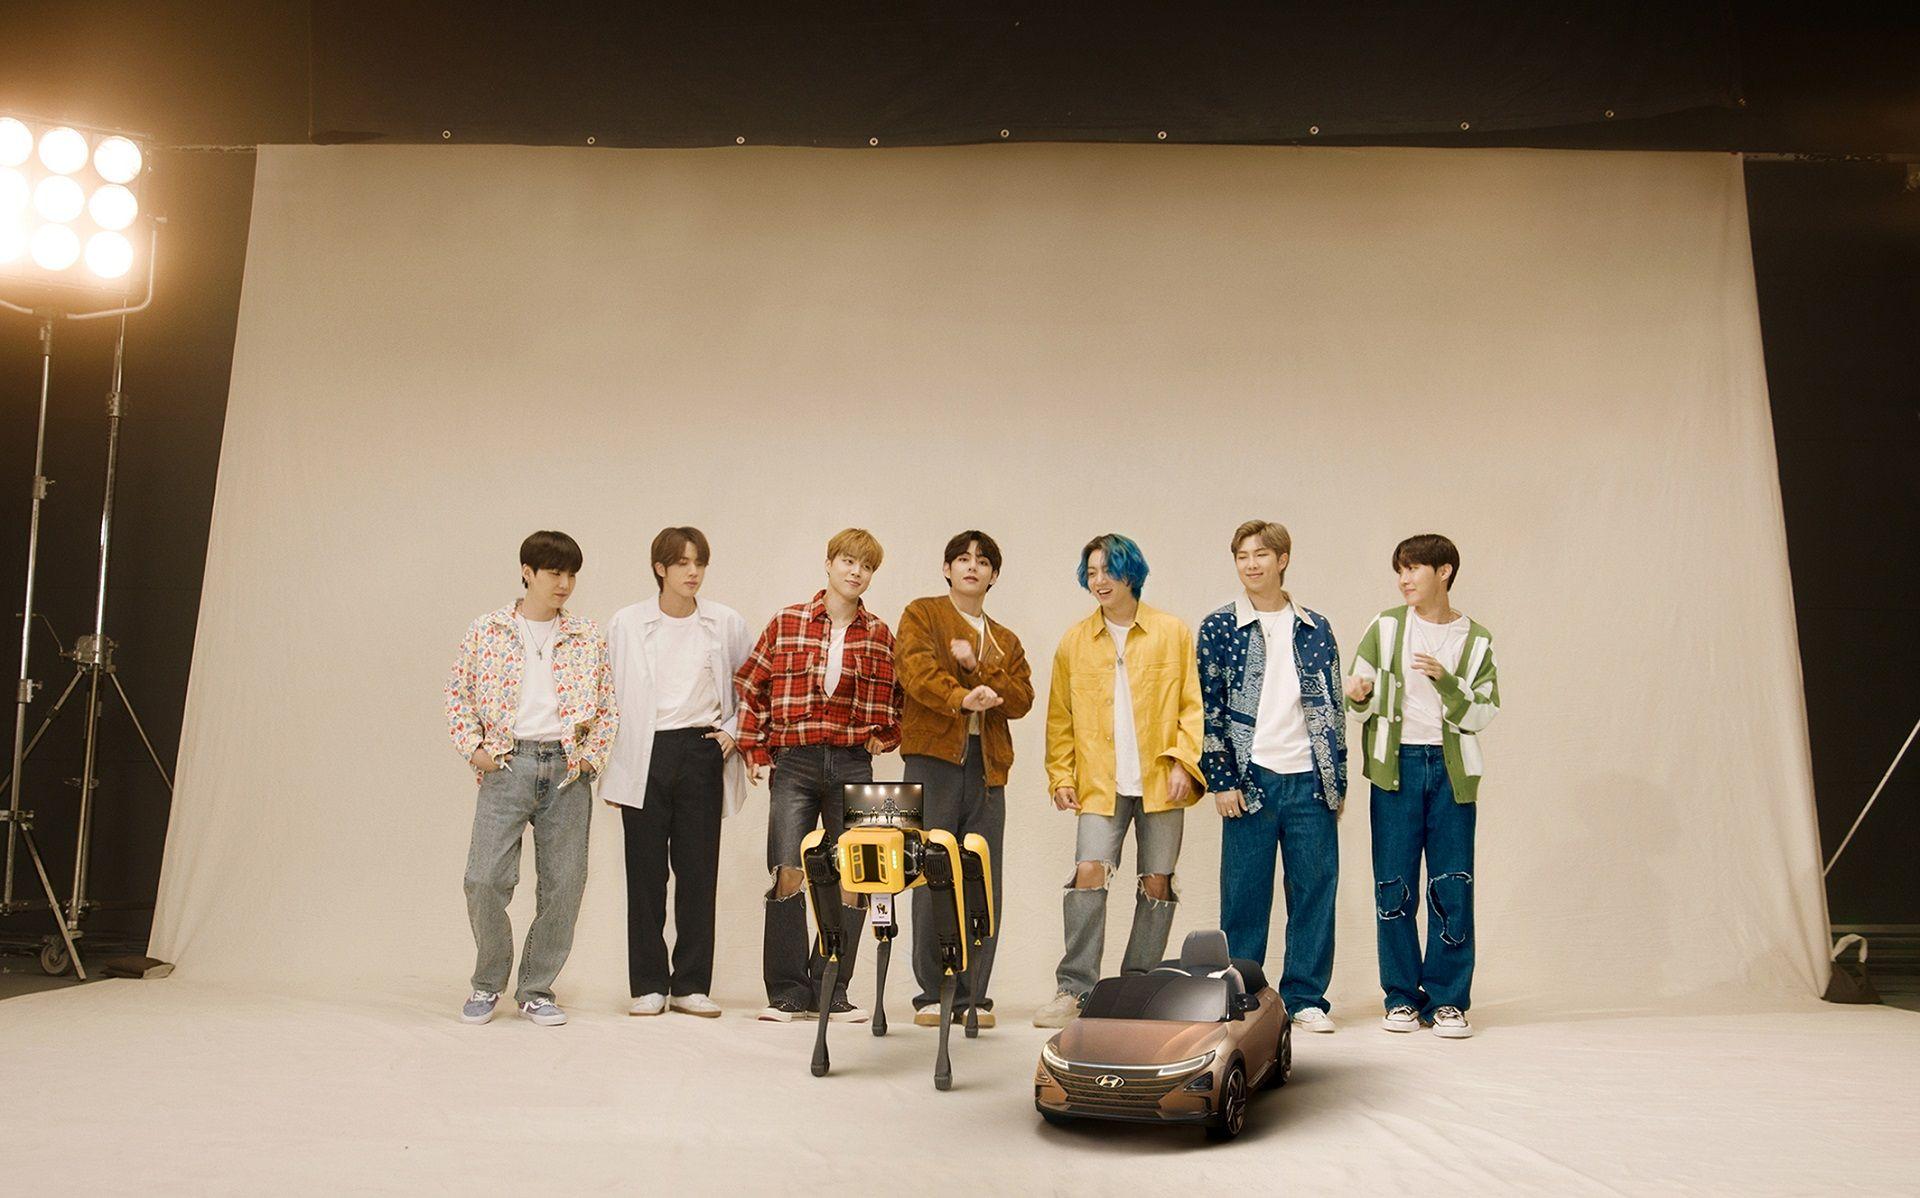 Роботы <i>Boston </i><i>Dynamics </i>исполнили танец с корейской группой <i>BTS</i>